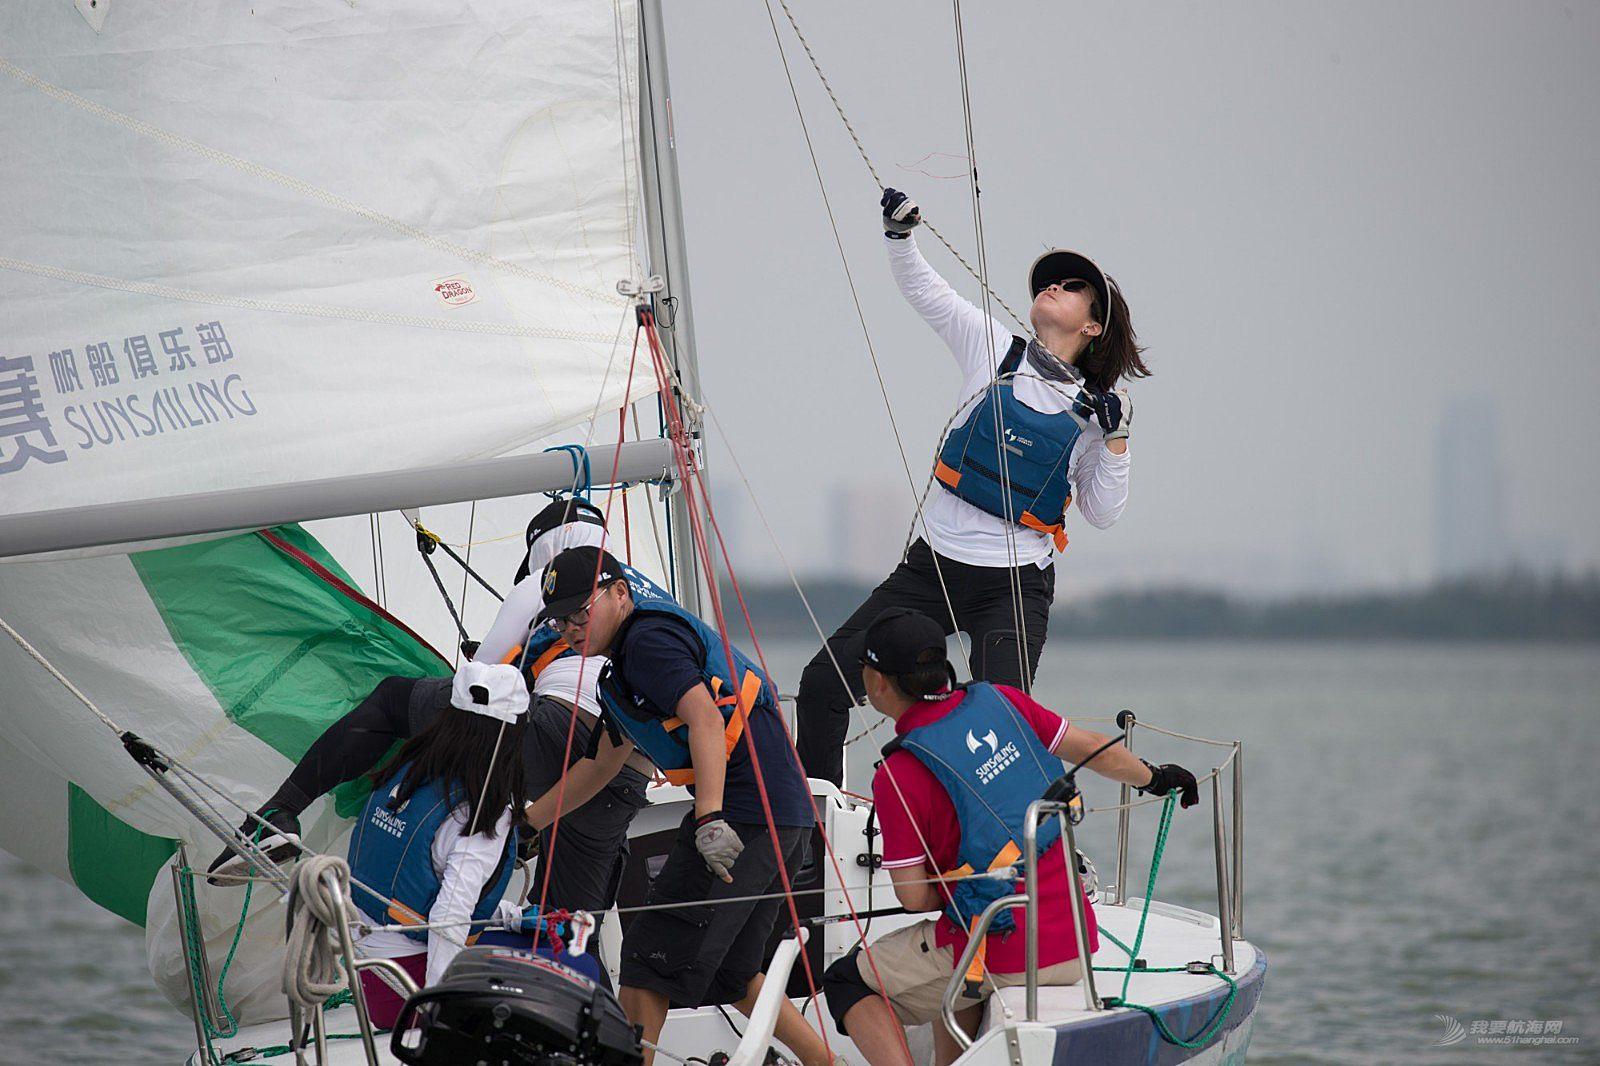 复旦精英勇夺冠军,第七届全国商学院帆船赛圆满落幕